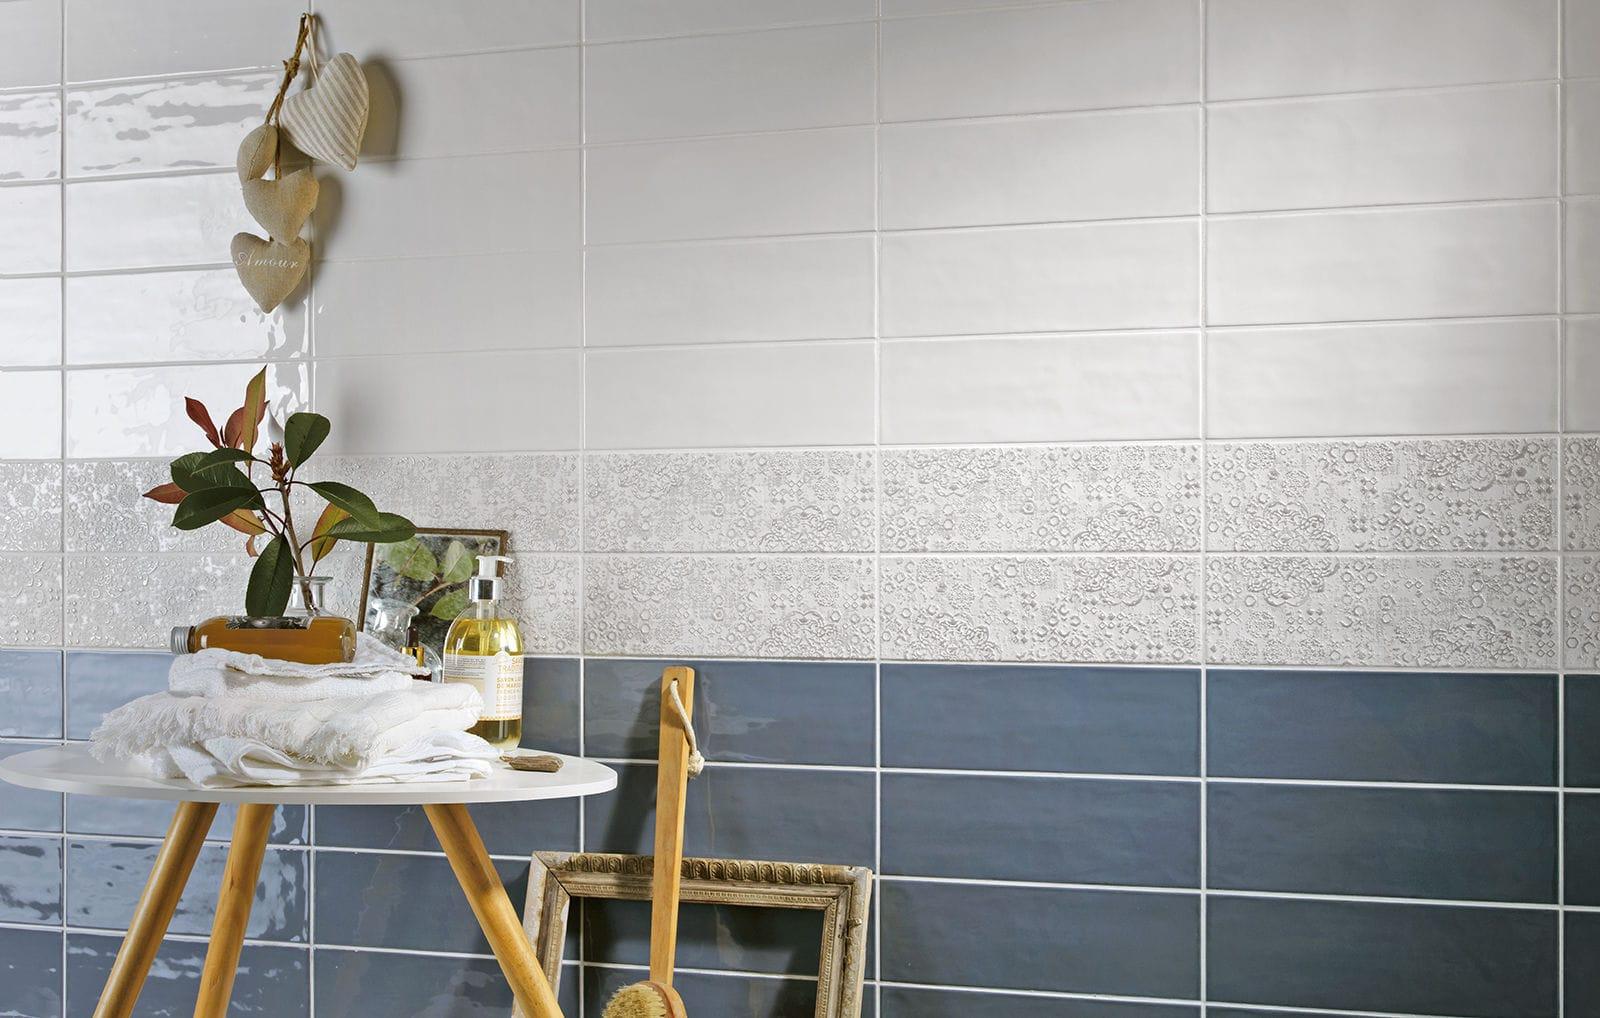 Gres Porcellanato Piastrelle Cucina bathroom tile - piccadilly - armonie by artecasa cer